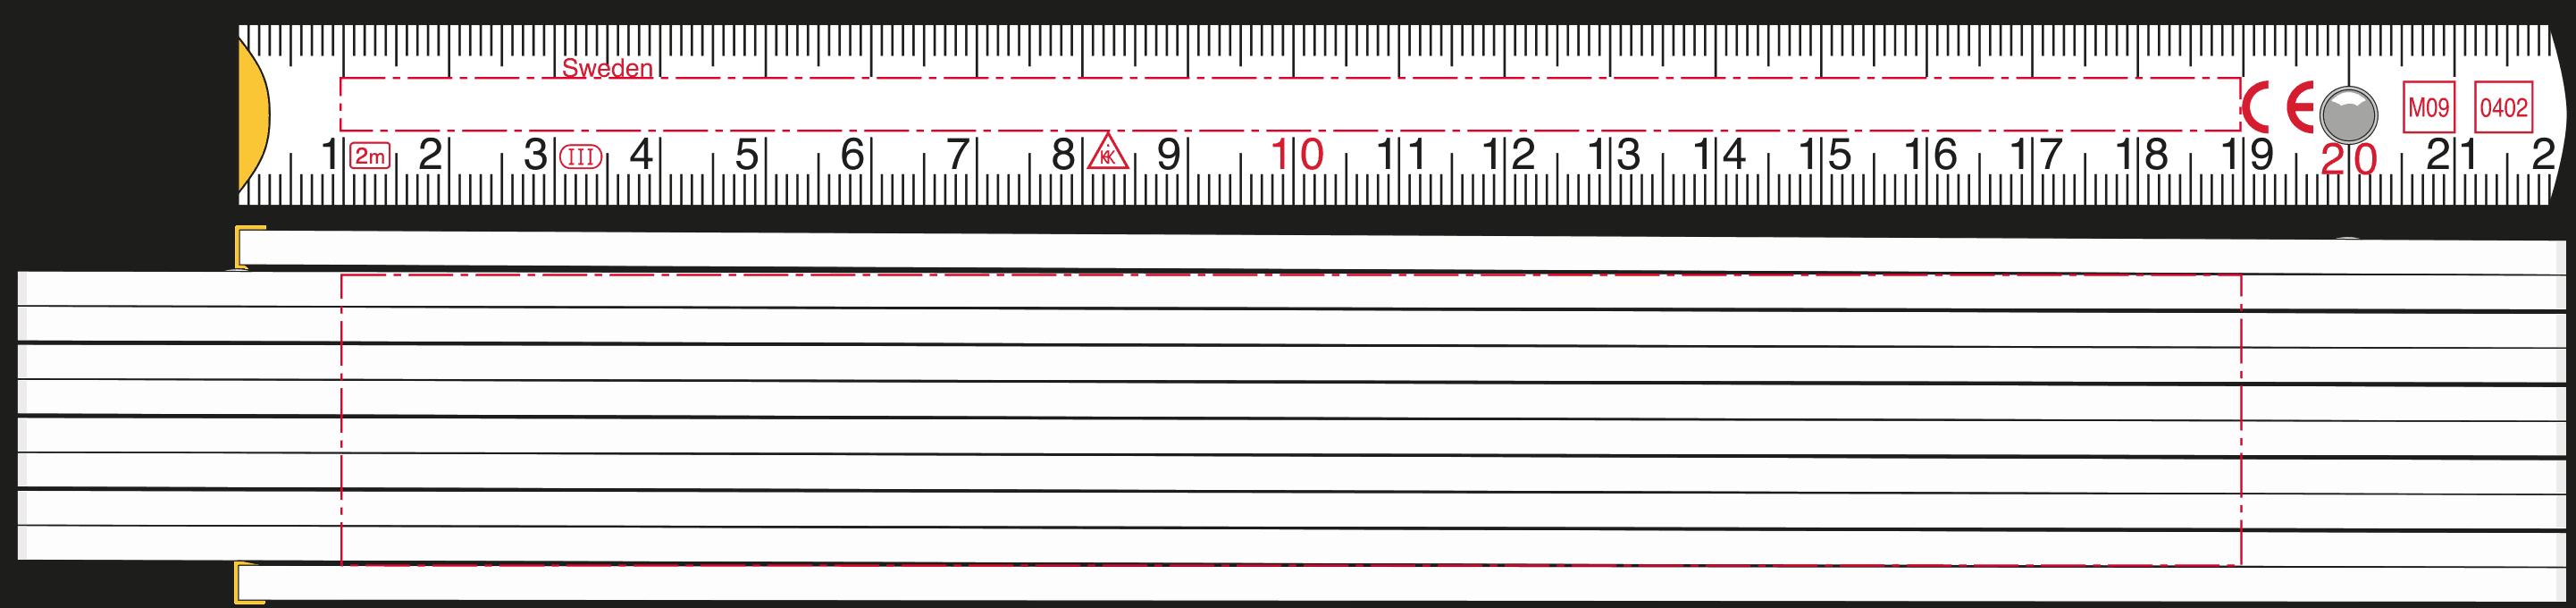 331-2-10_Druckstand